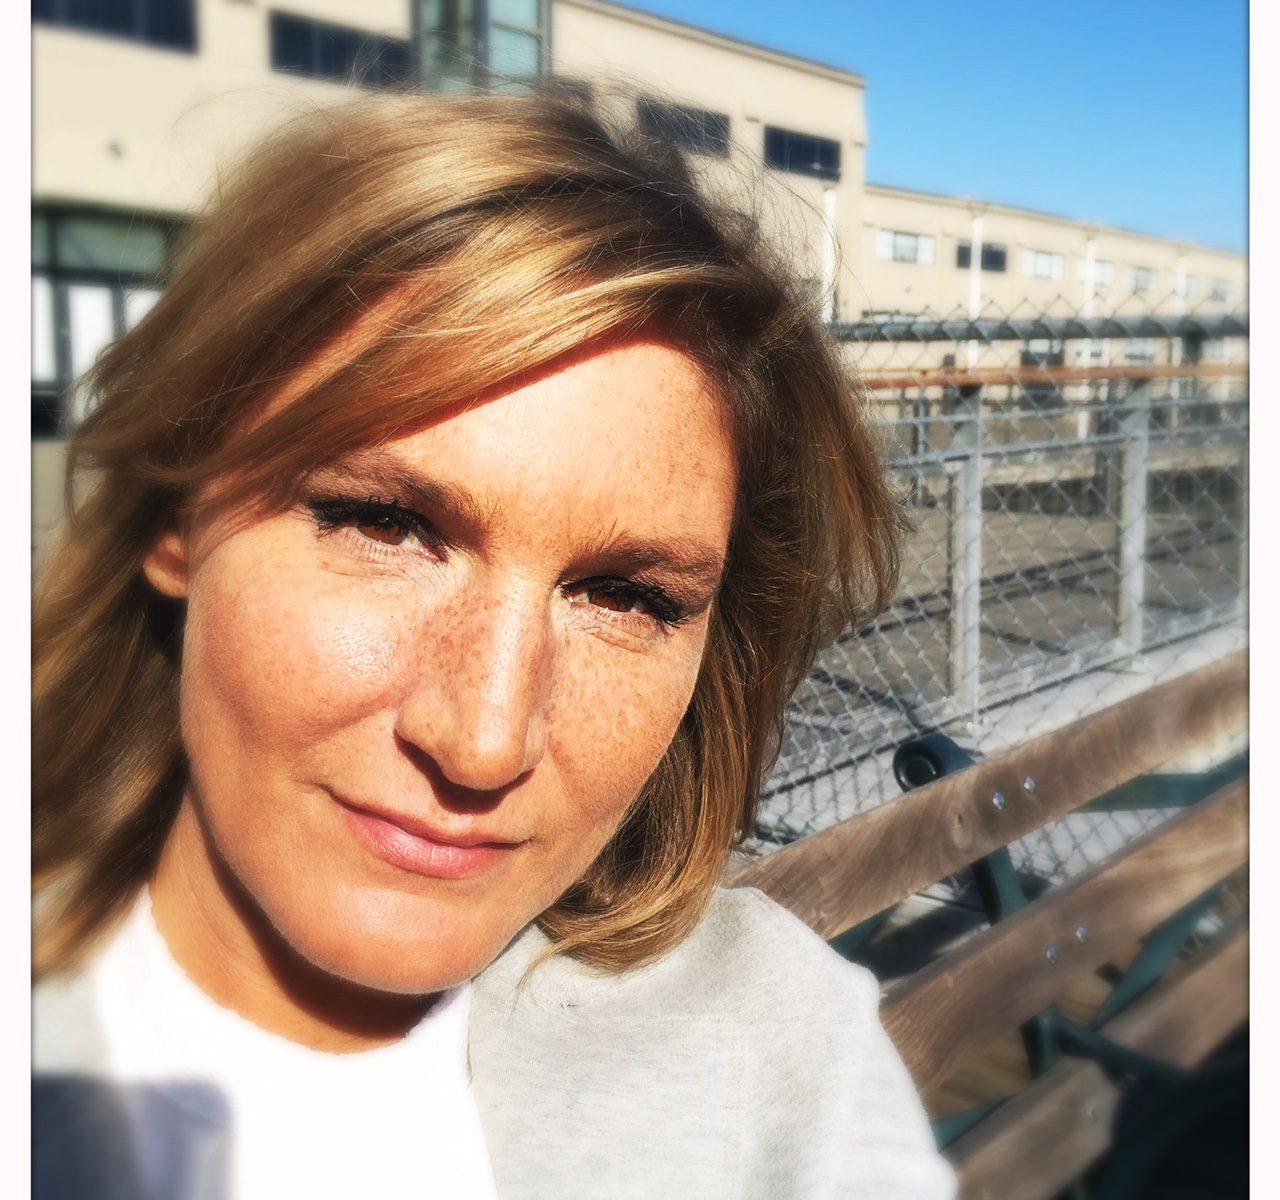 Dina Andersen, Innenarchitektin